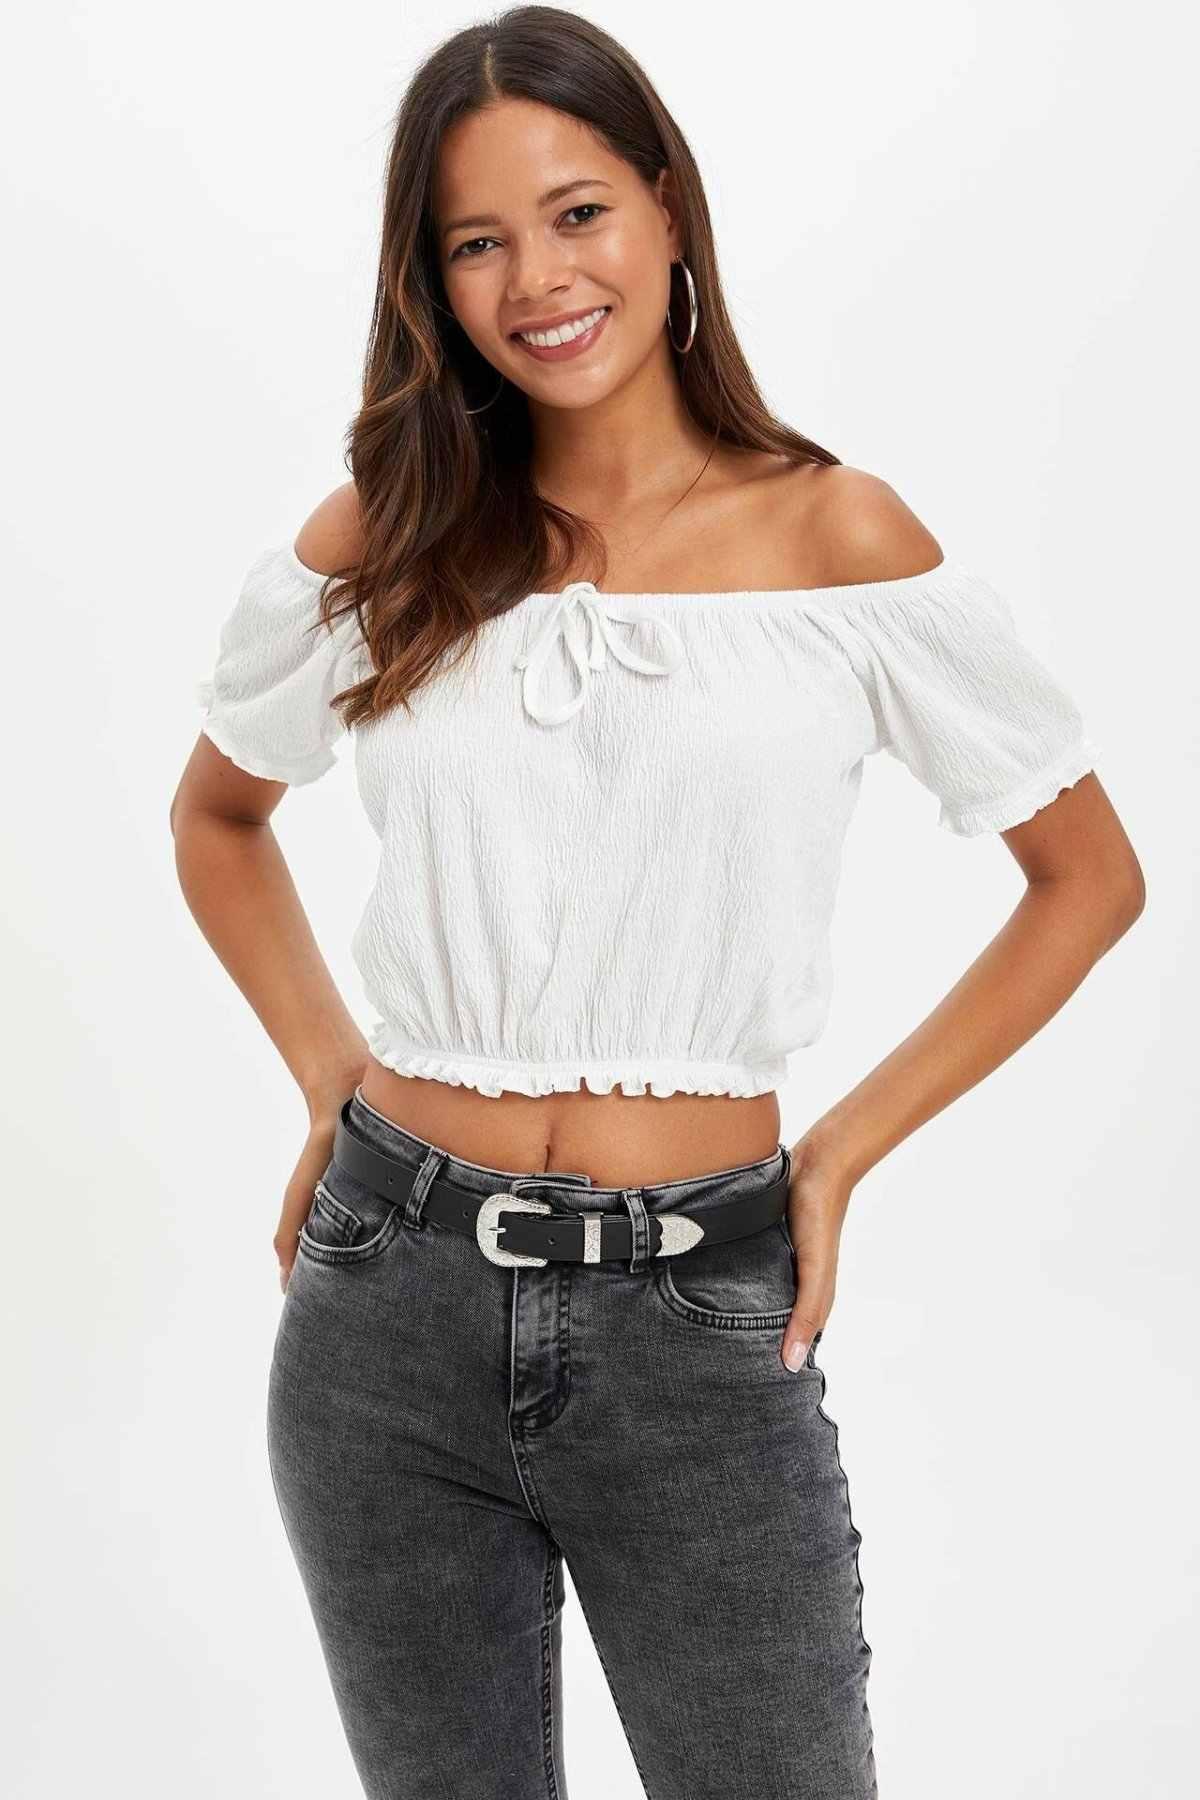 Defacto Wanita Musim Panas Seksi Putih Off Bahu Top Tees Wanita Musim Gugur Mini Kemeja T-shirt Kasual Lengan Pendek T-Shirt-L6193AZ19AU